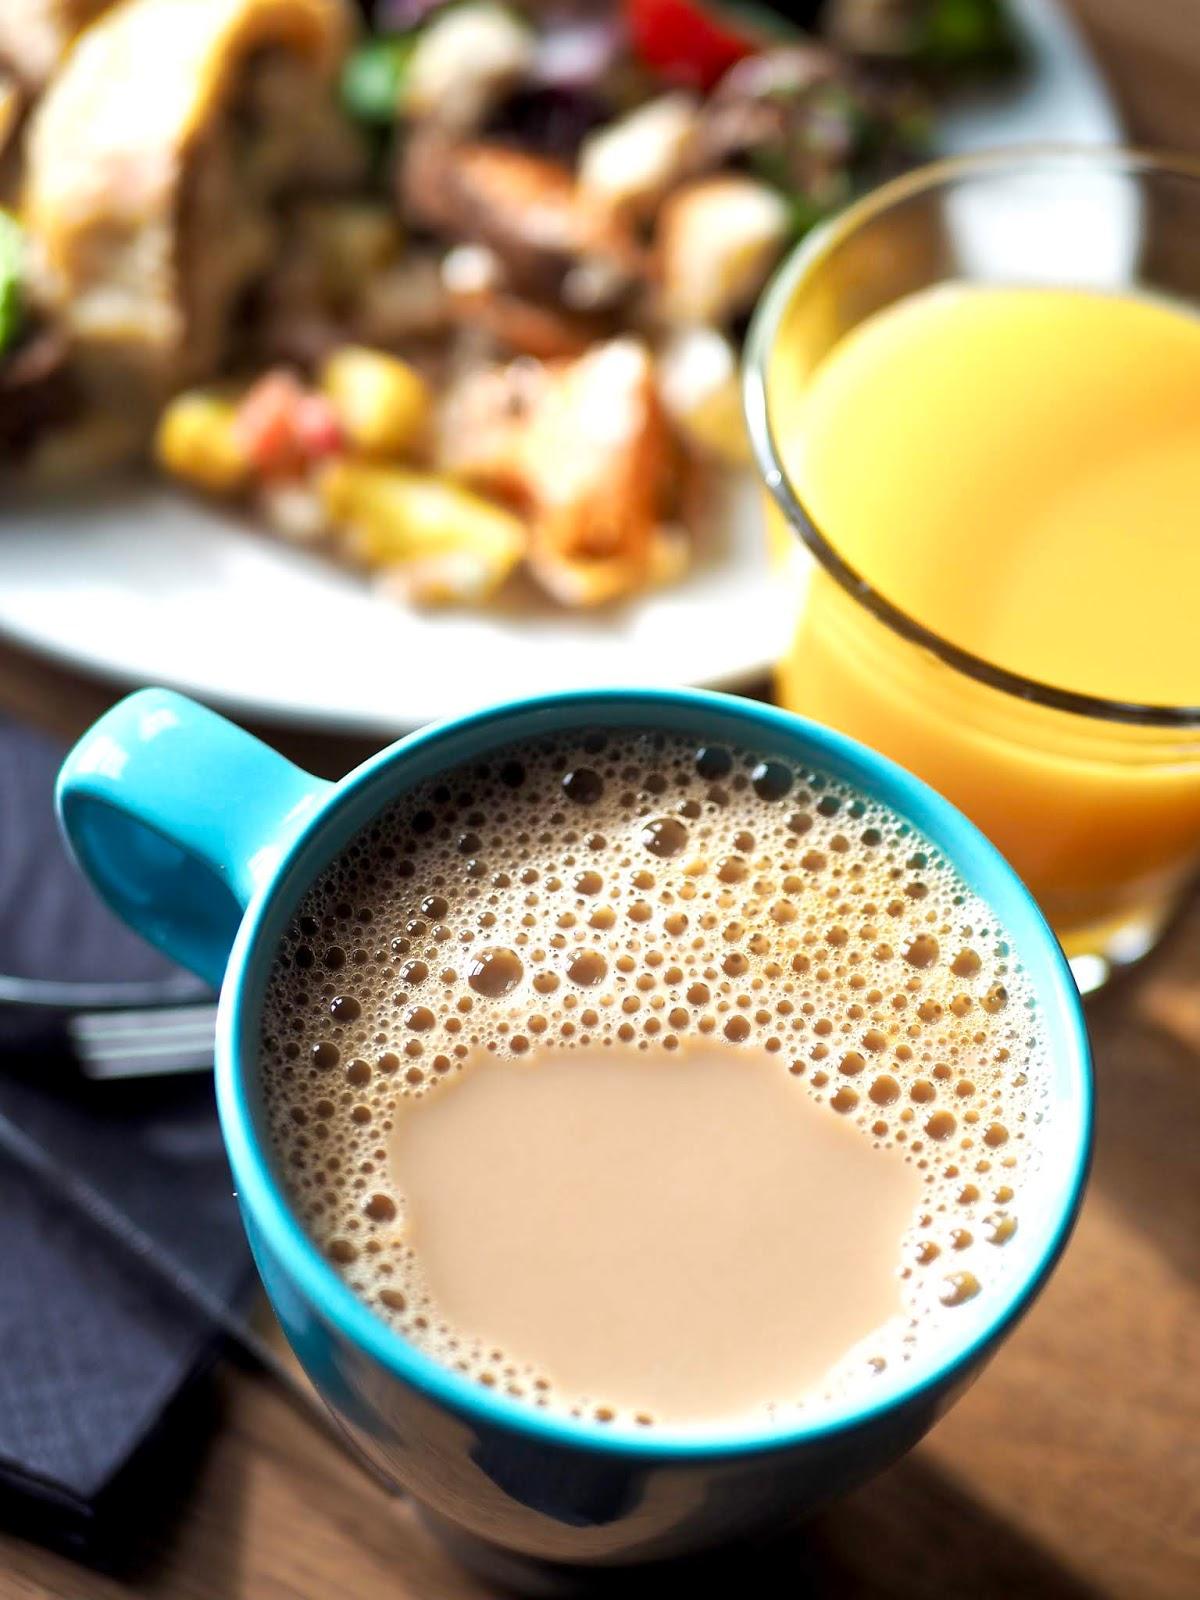 Ravintola Teatron lauantaibrunssilla on Reilun Kaupan kahvia ja teetä sekä todella maukasta ja monipuolista ruokaa.